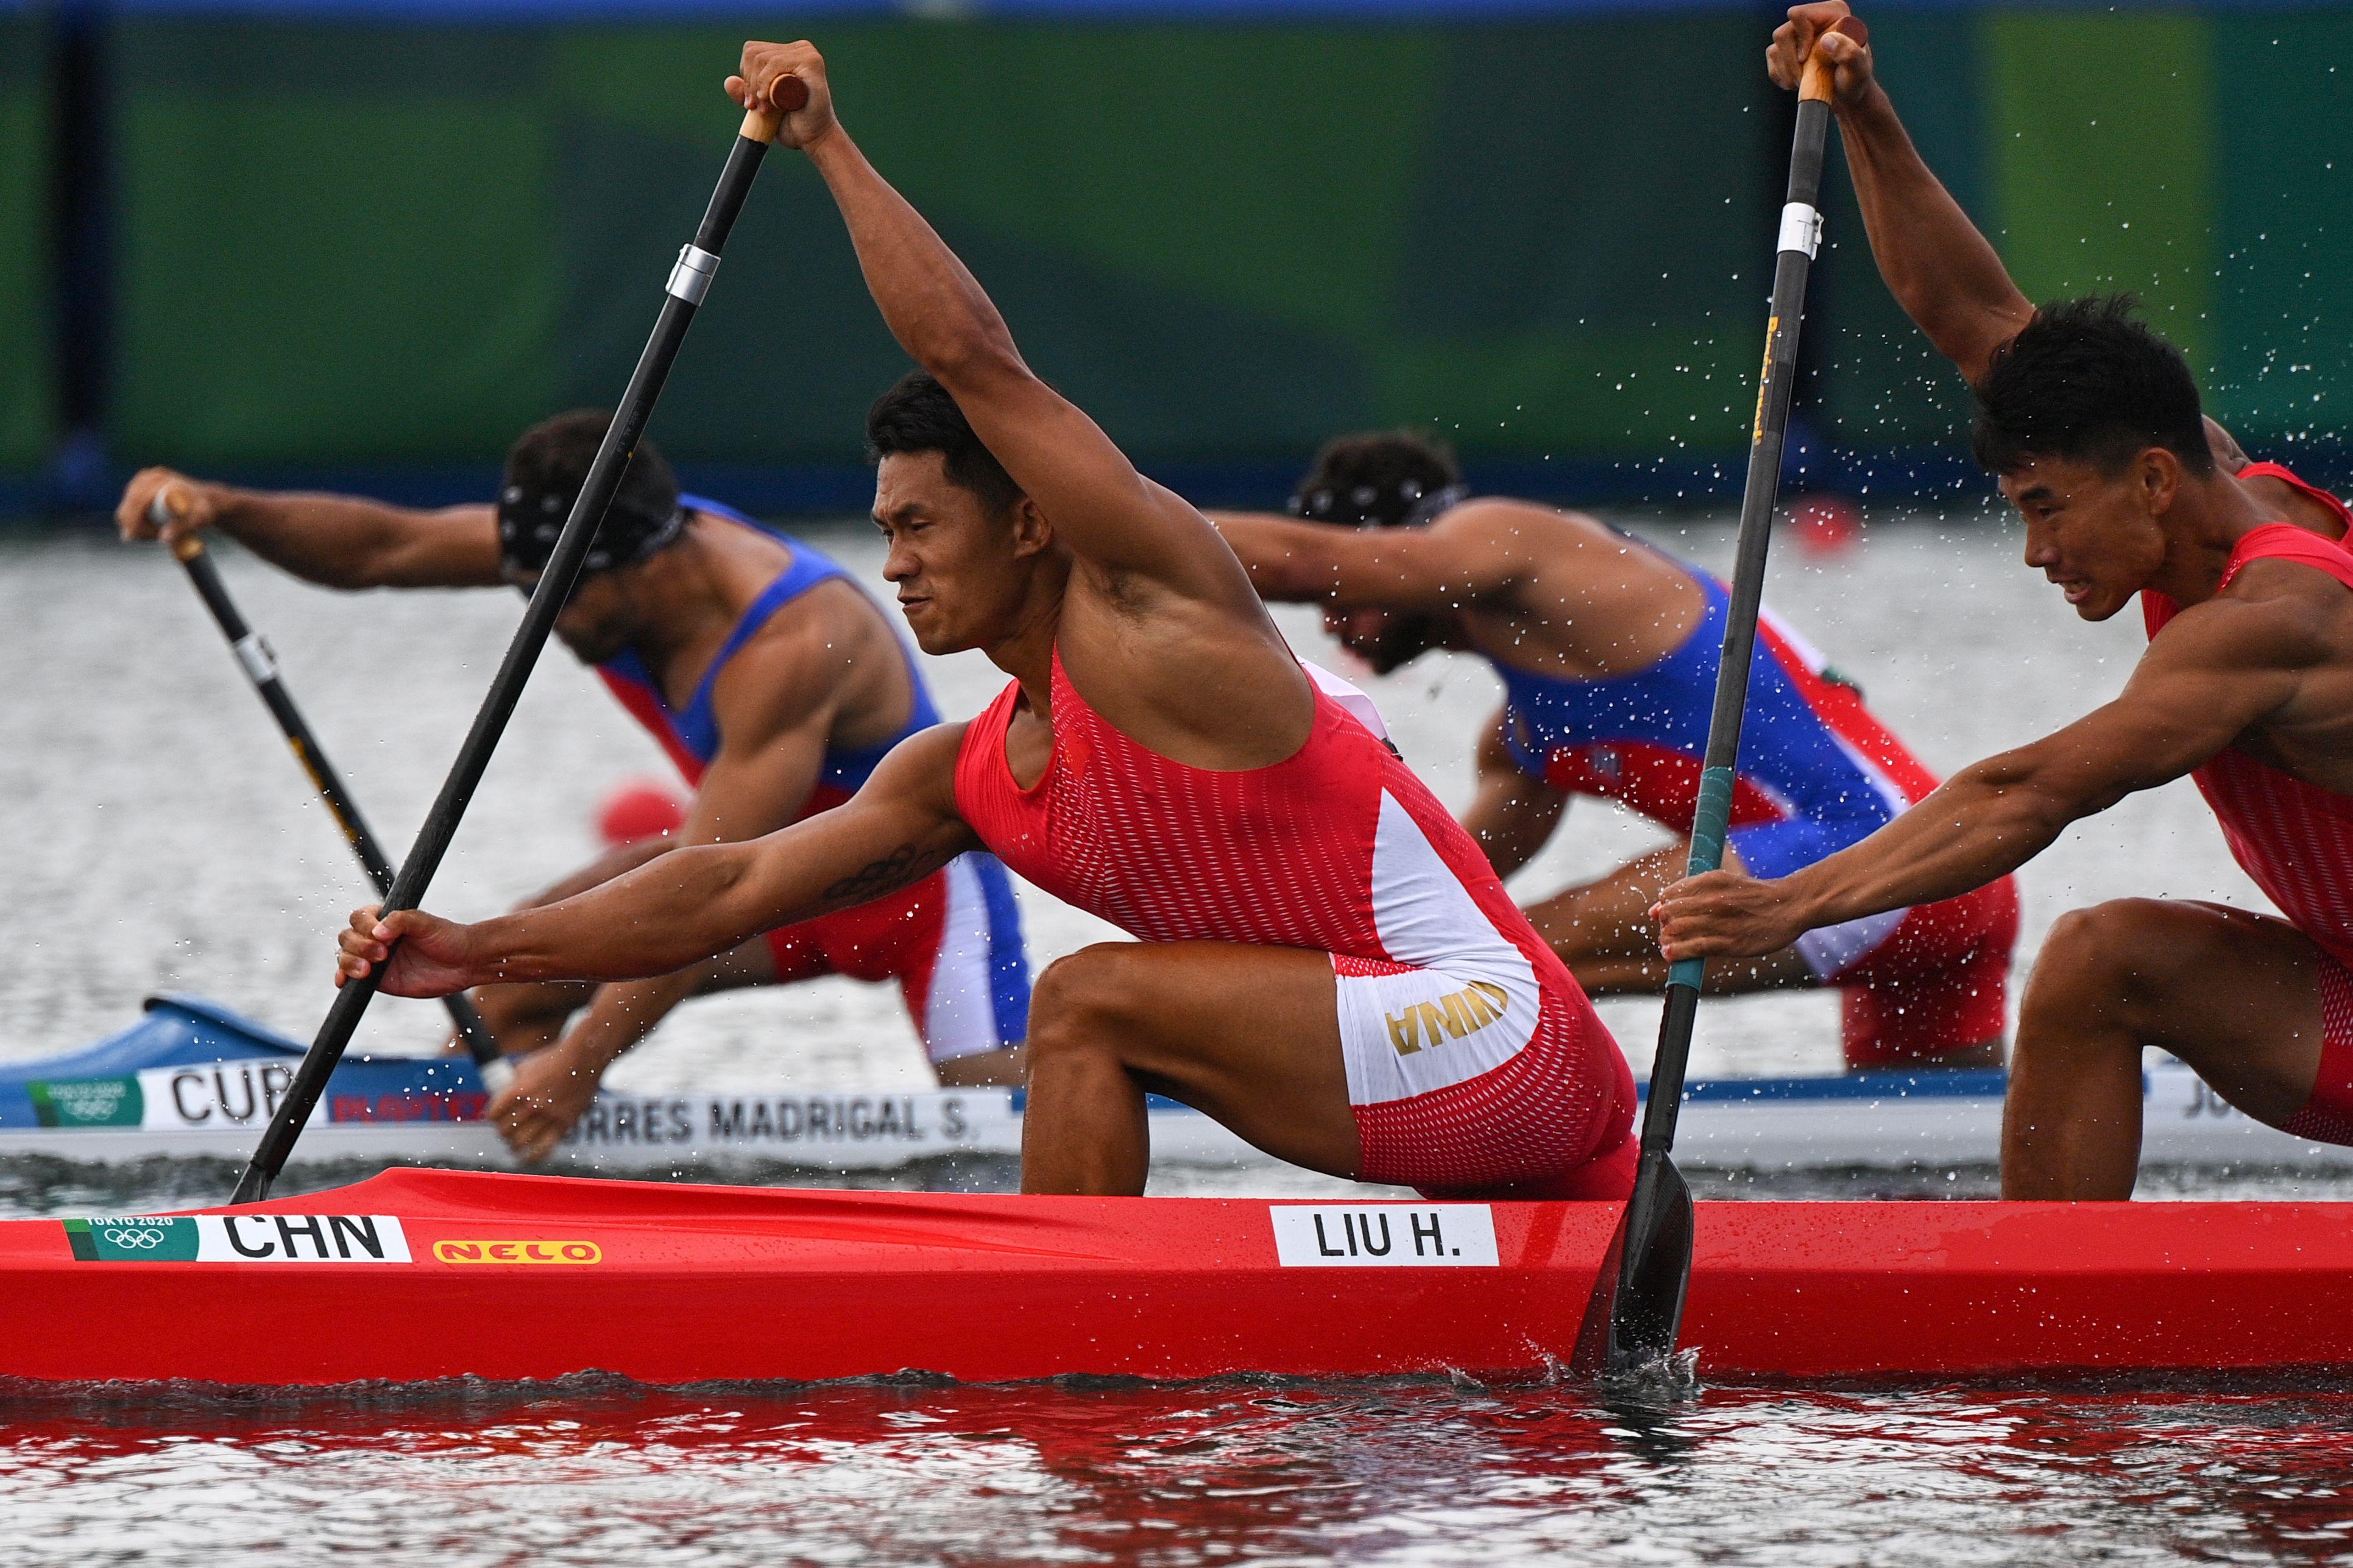 最后时刻遗憾被反超 刘浩/郑鹏飞拿下双人划皮划艇银牌